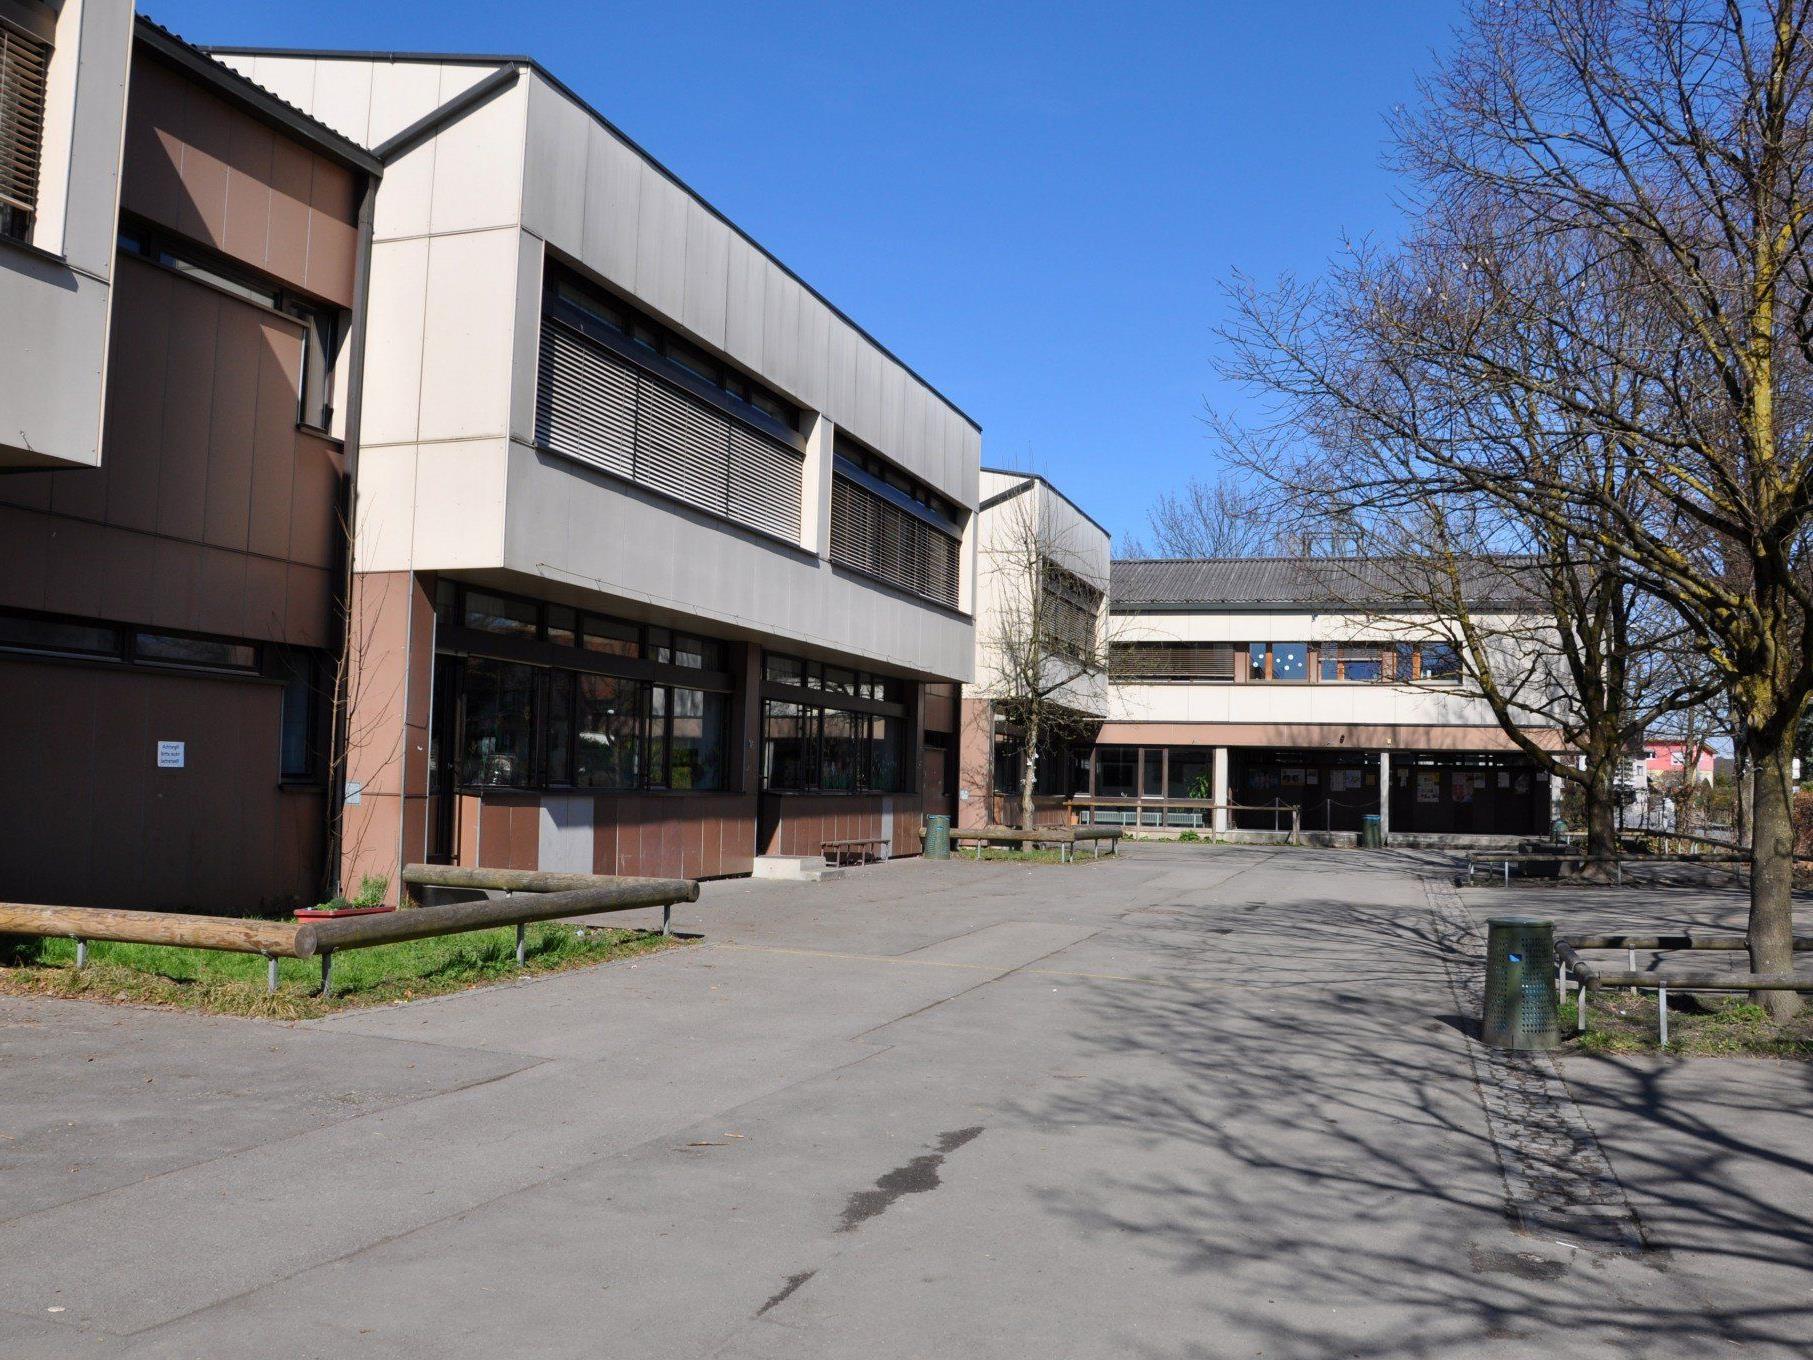 Am Bildungscampus Rotkreuz besteht Sanierungs- und Raumbedarf.